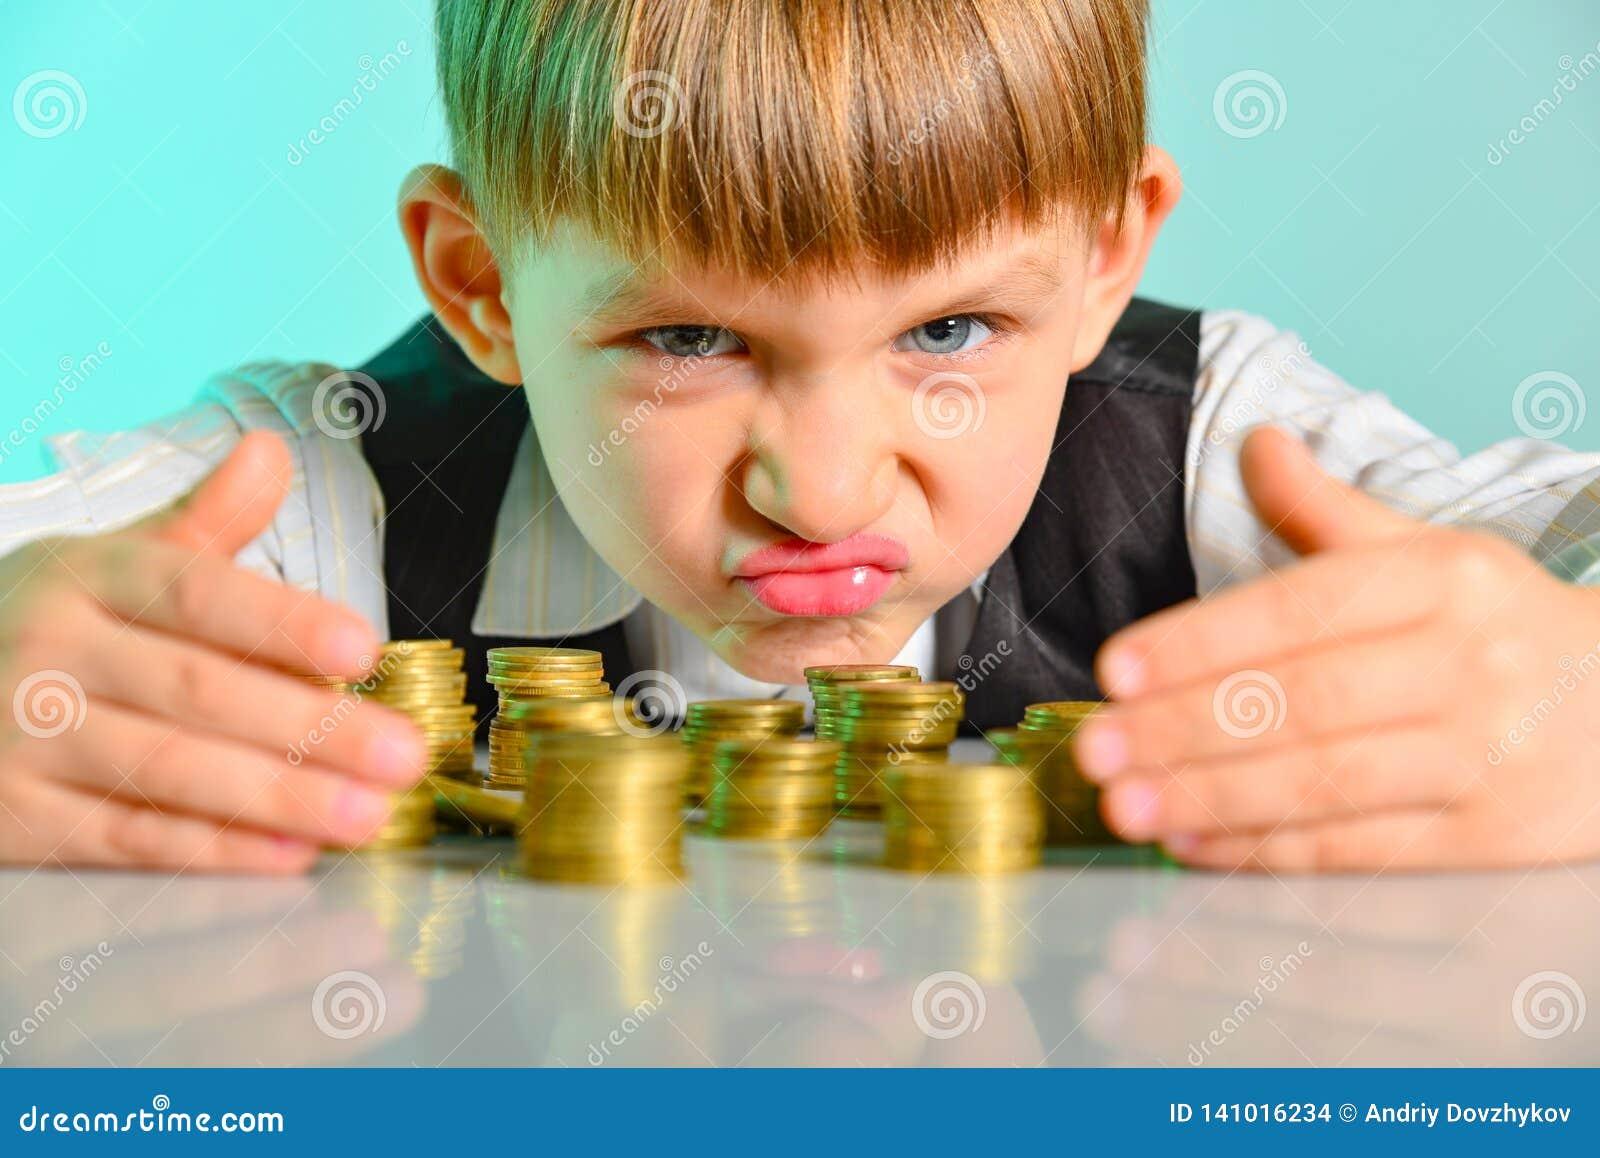 Verärgertes und gieriges Kind hält ihre Geldmünzen Das Konzept der Habsucht, der Habsucht und des Lasters von der Kindheit